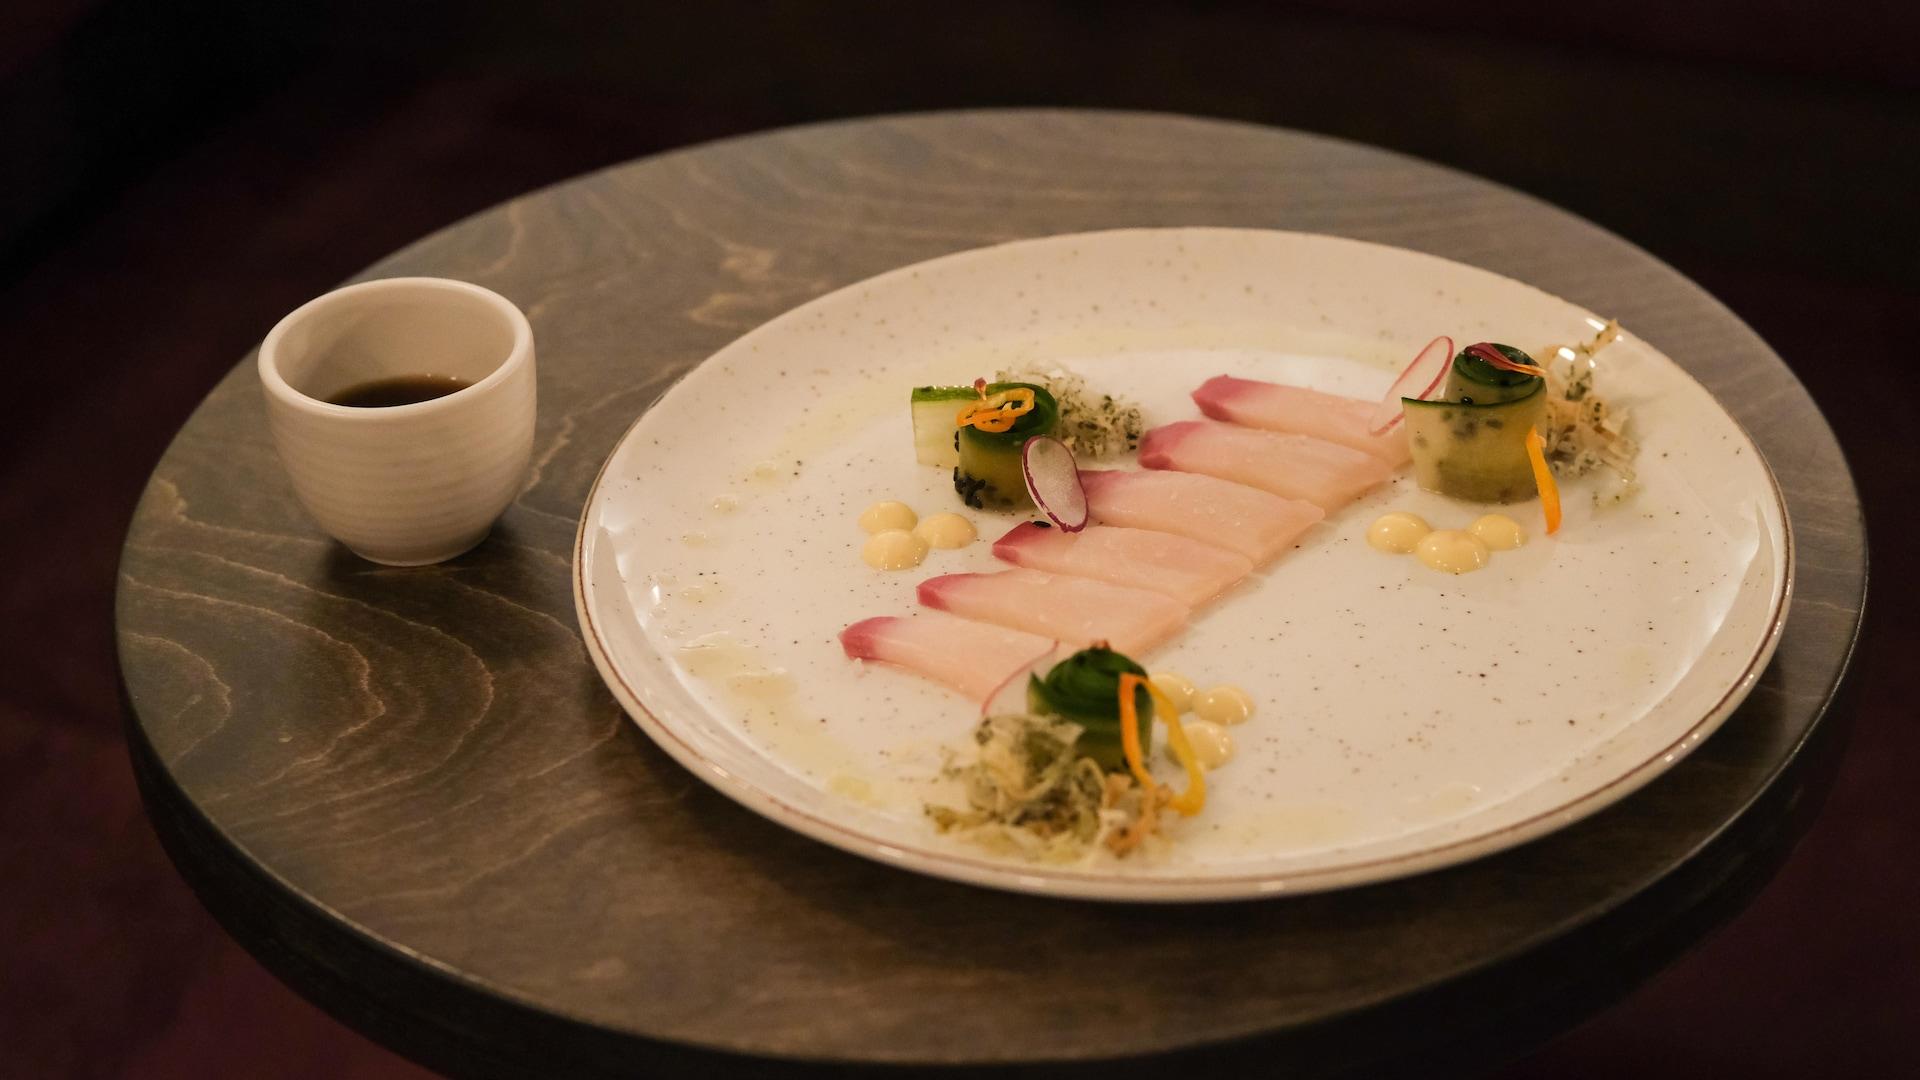 Sashimi de hamachi avec sa mayonnaise aux agrumes et pâte philo frite assaisonnée aux algues nori.